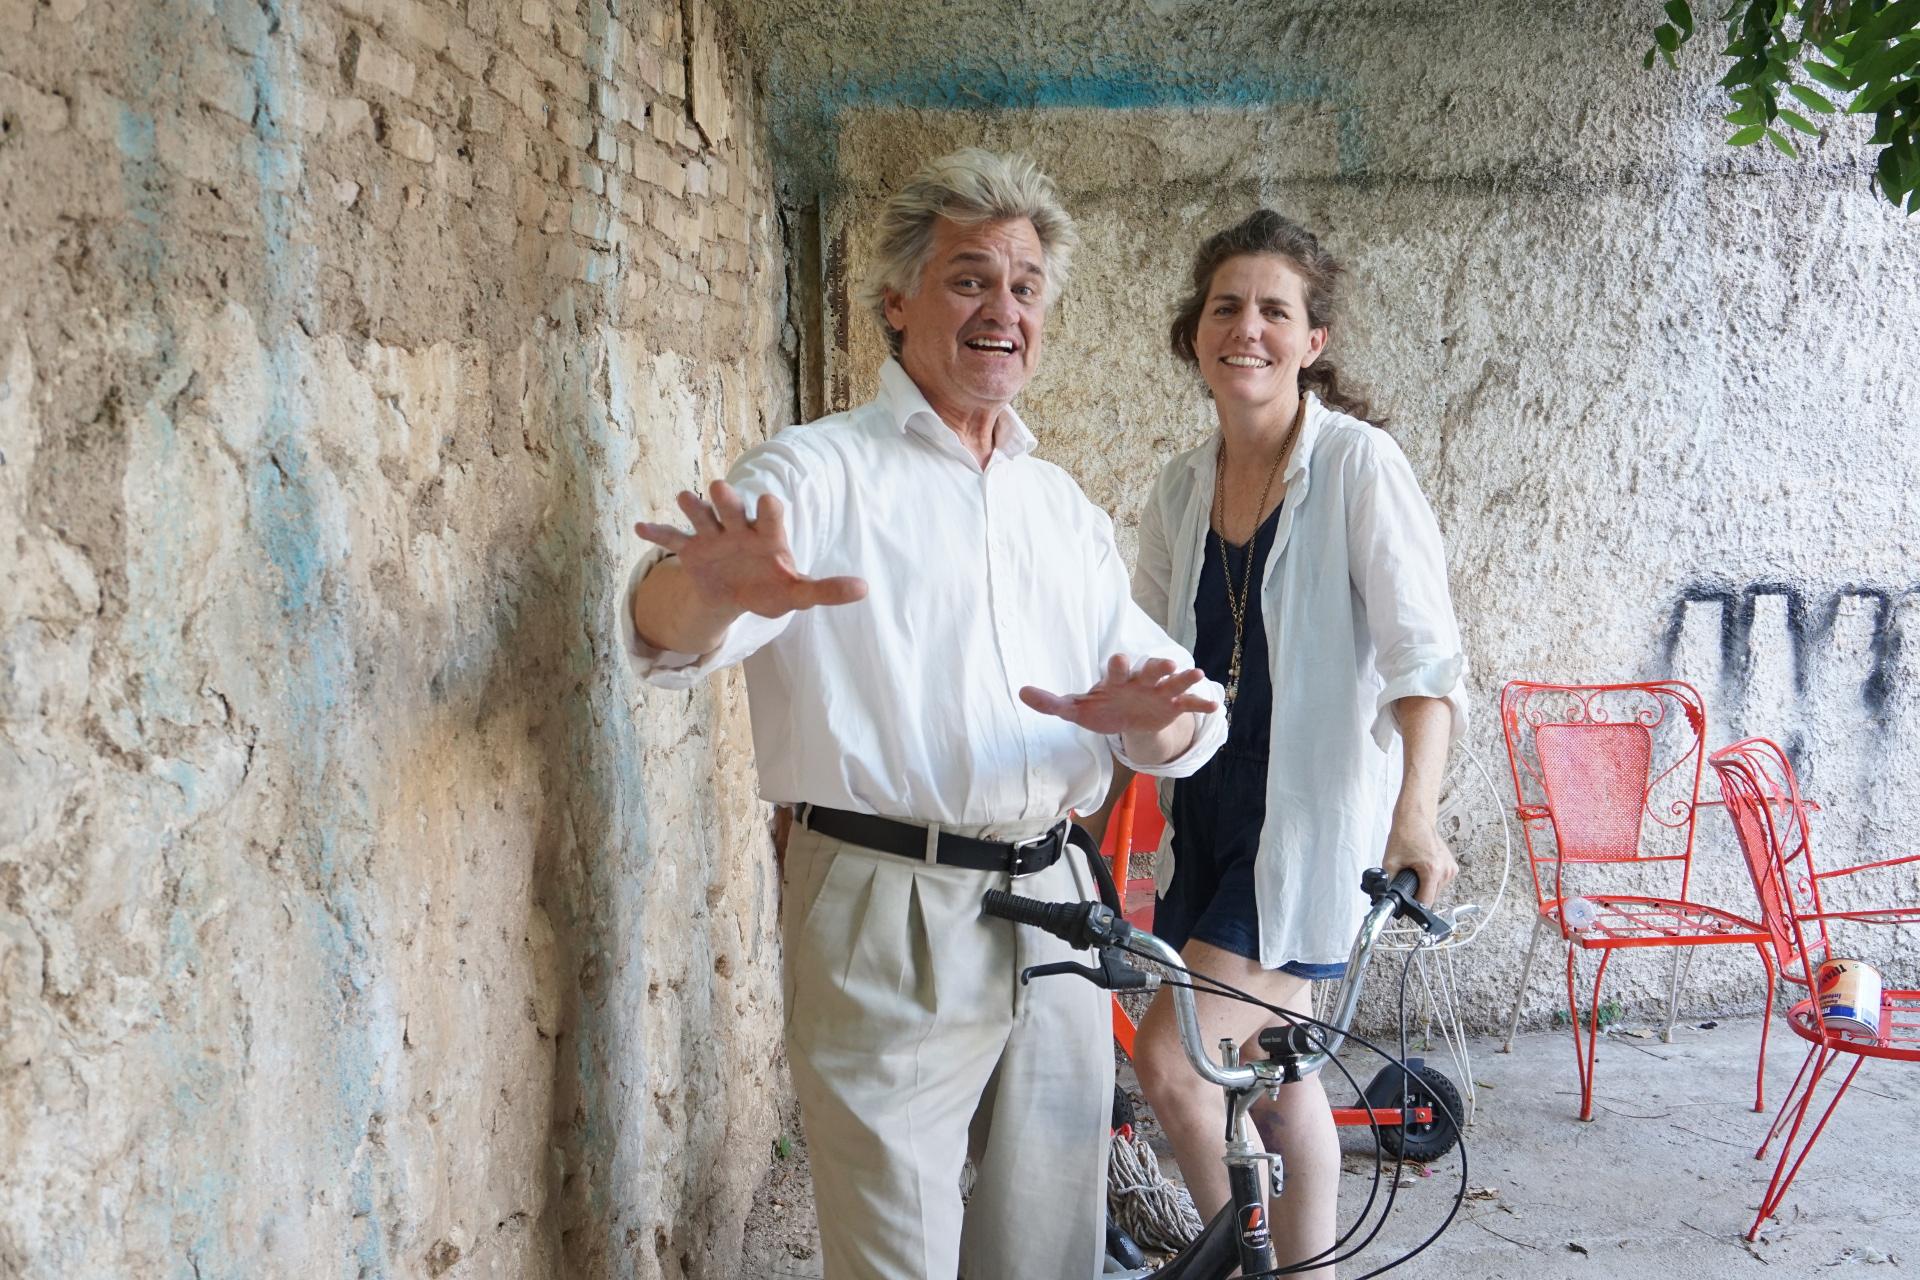 """Ο Reverend Billy μαζί με τη γυναίκα του Savitri D., σκηνοθέτη των ριζοσπαστικών παραστάσεων του θιάσου """"Reverend Billy and The Shop Stopping Choir""""."""